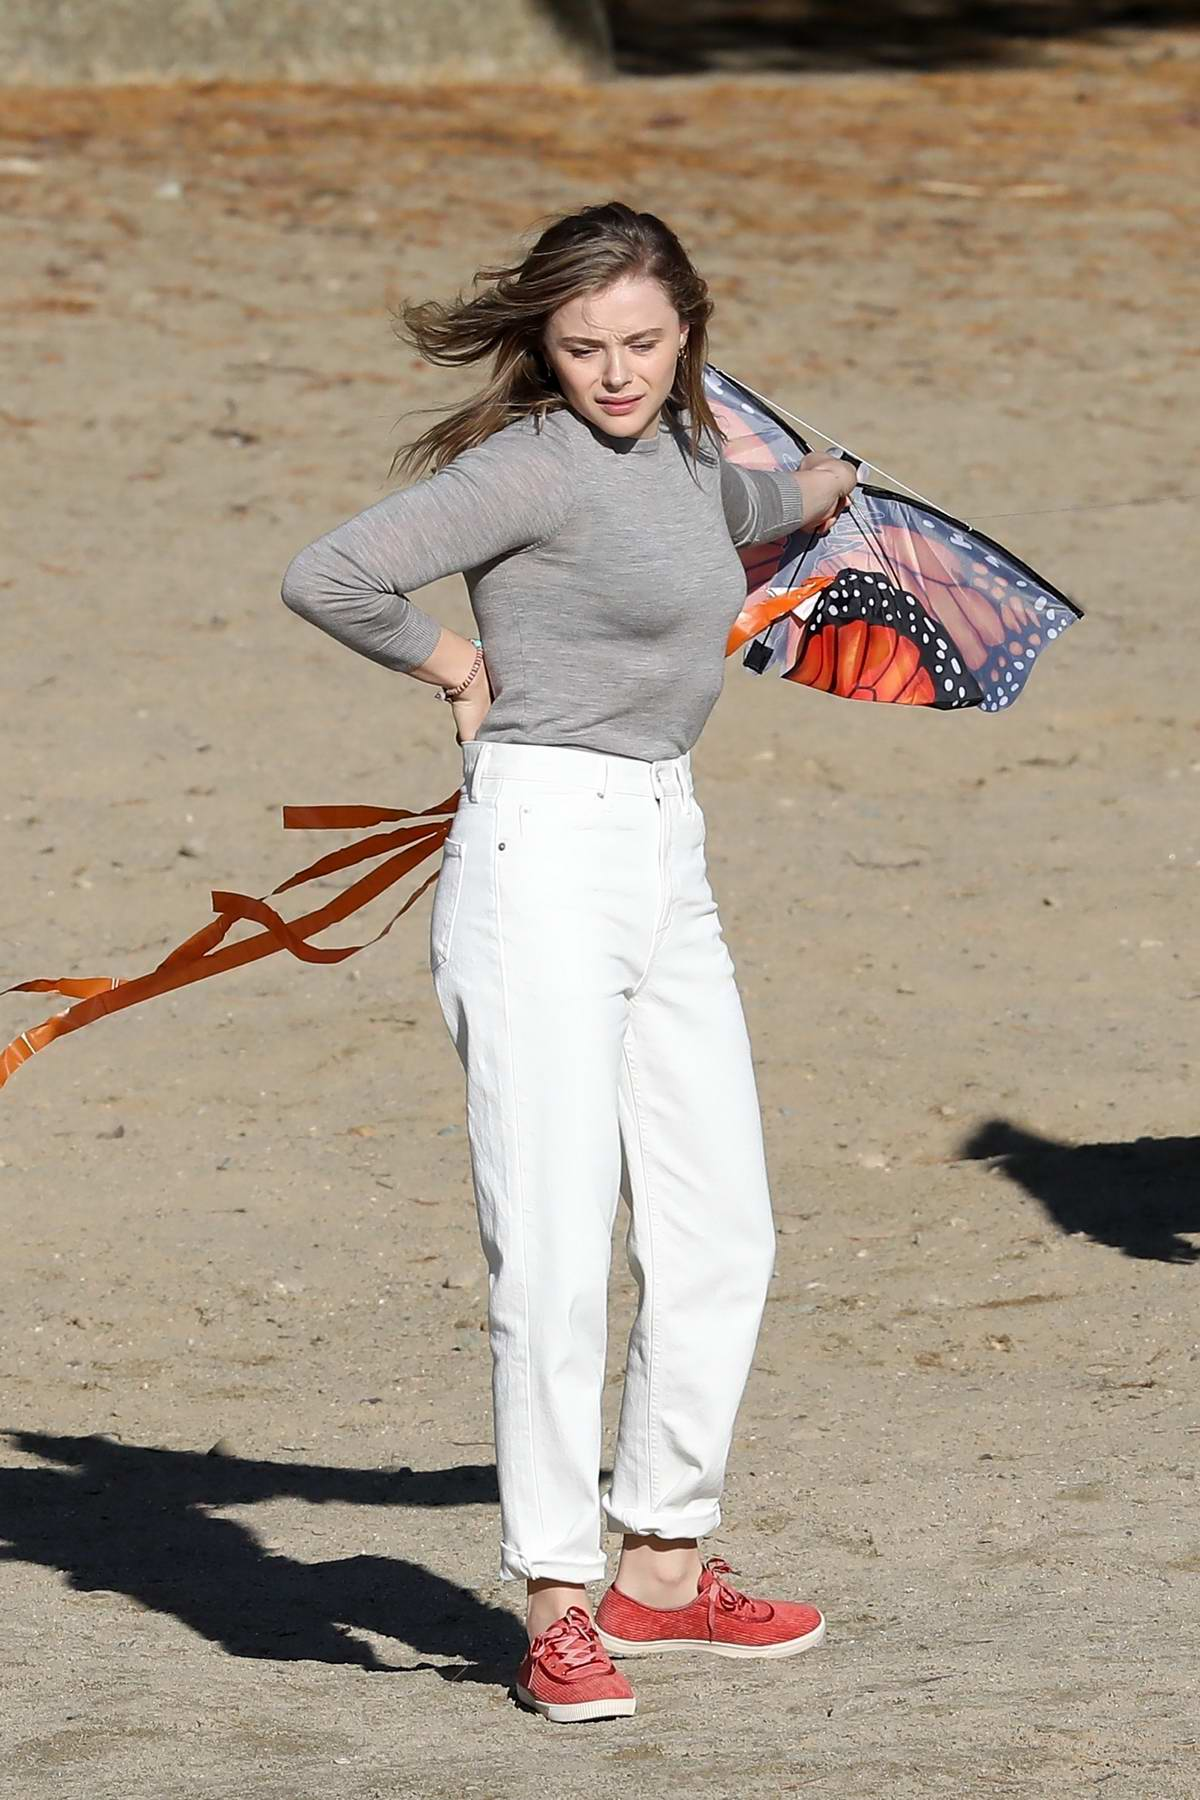 Chloe Grace Moretz seen while filming kite flying scene on the beach for 'Mother/Android' in Boston, Massachusetts